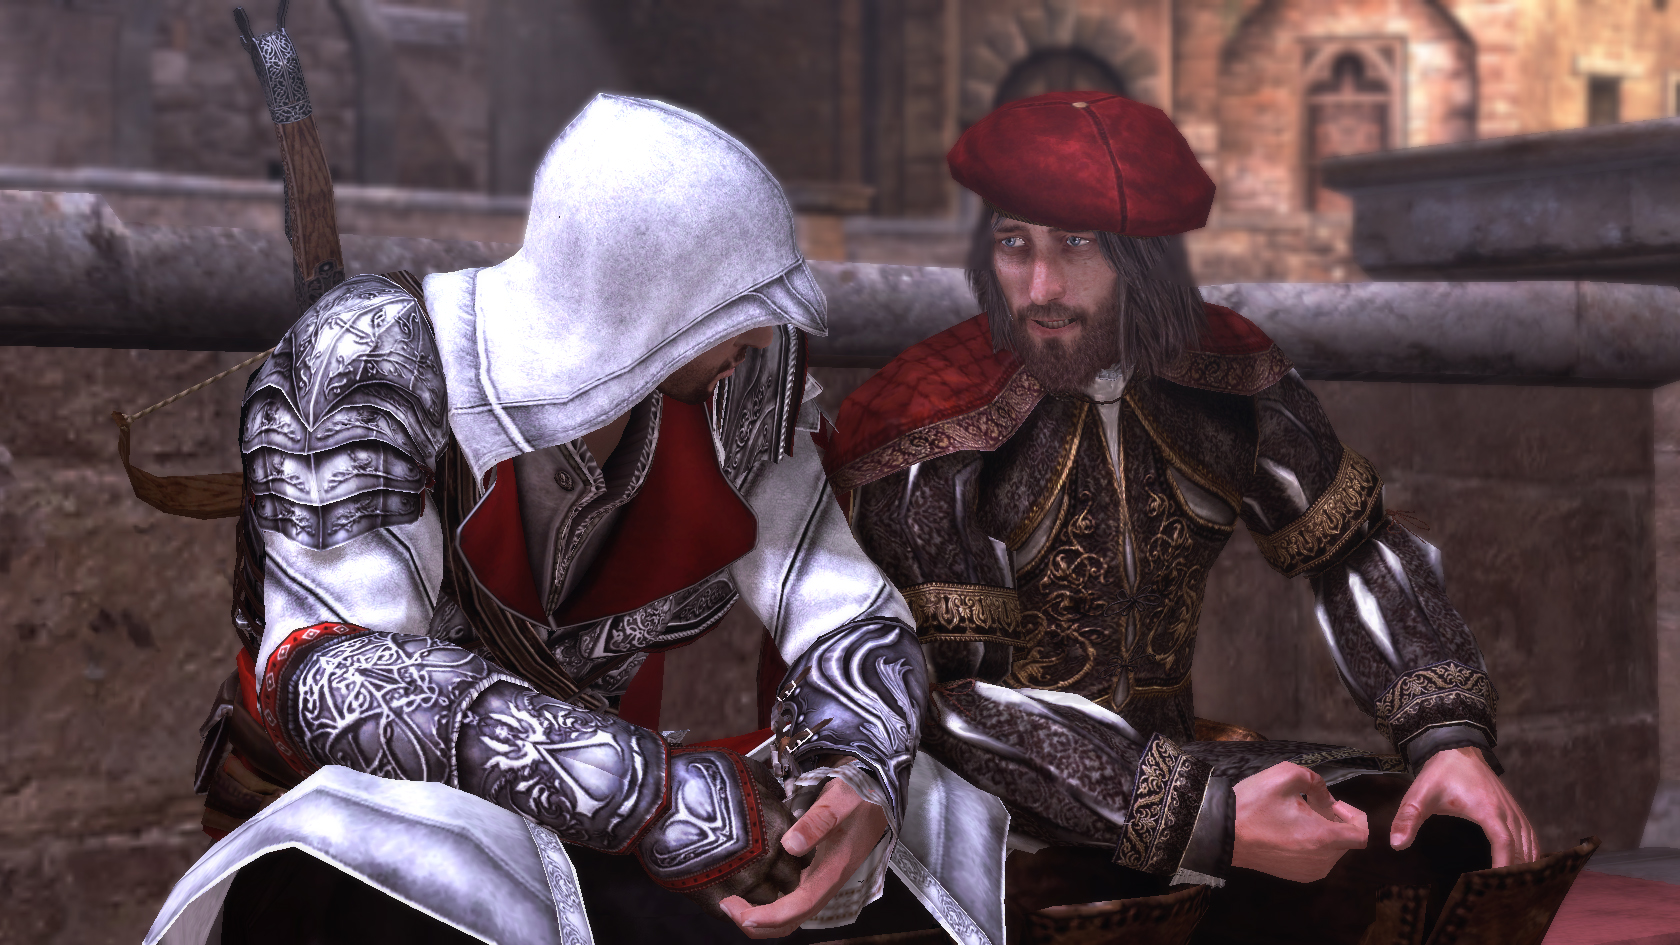 assassins creed ezio and da vinci Assassins Creed: The Ezio Collection Review